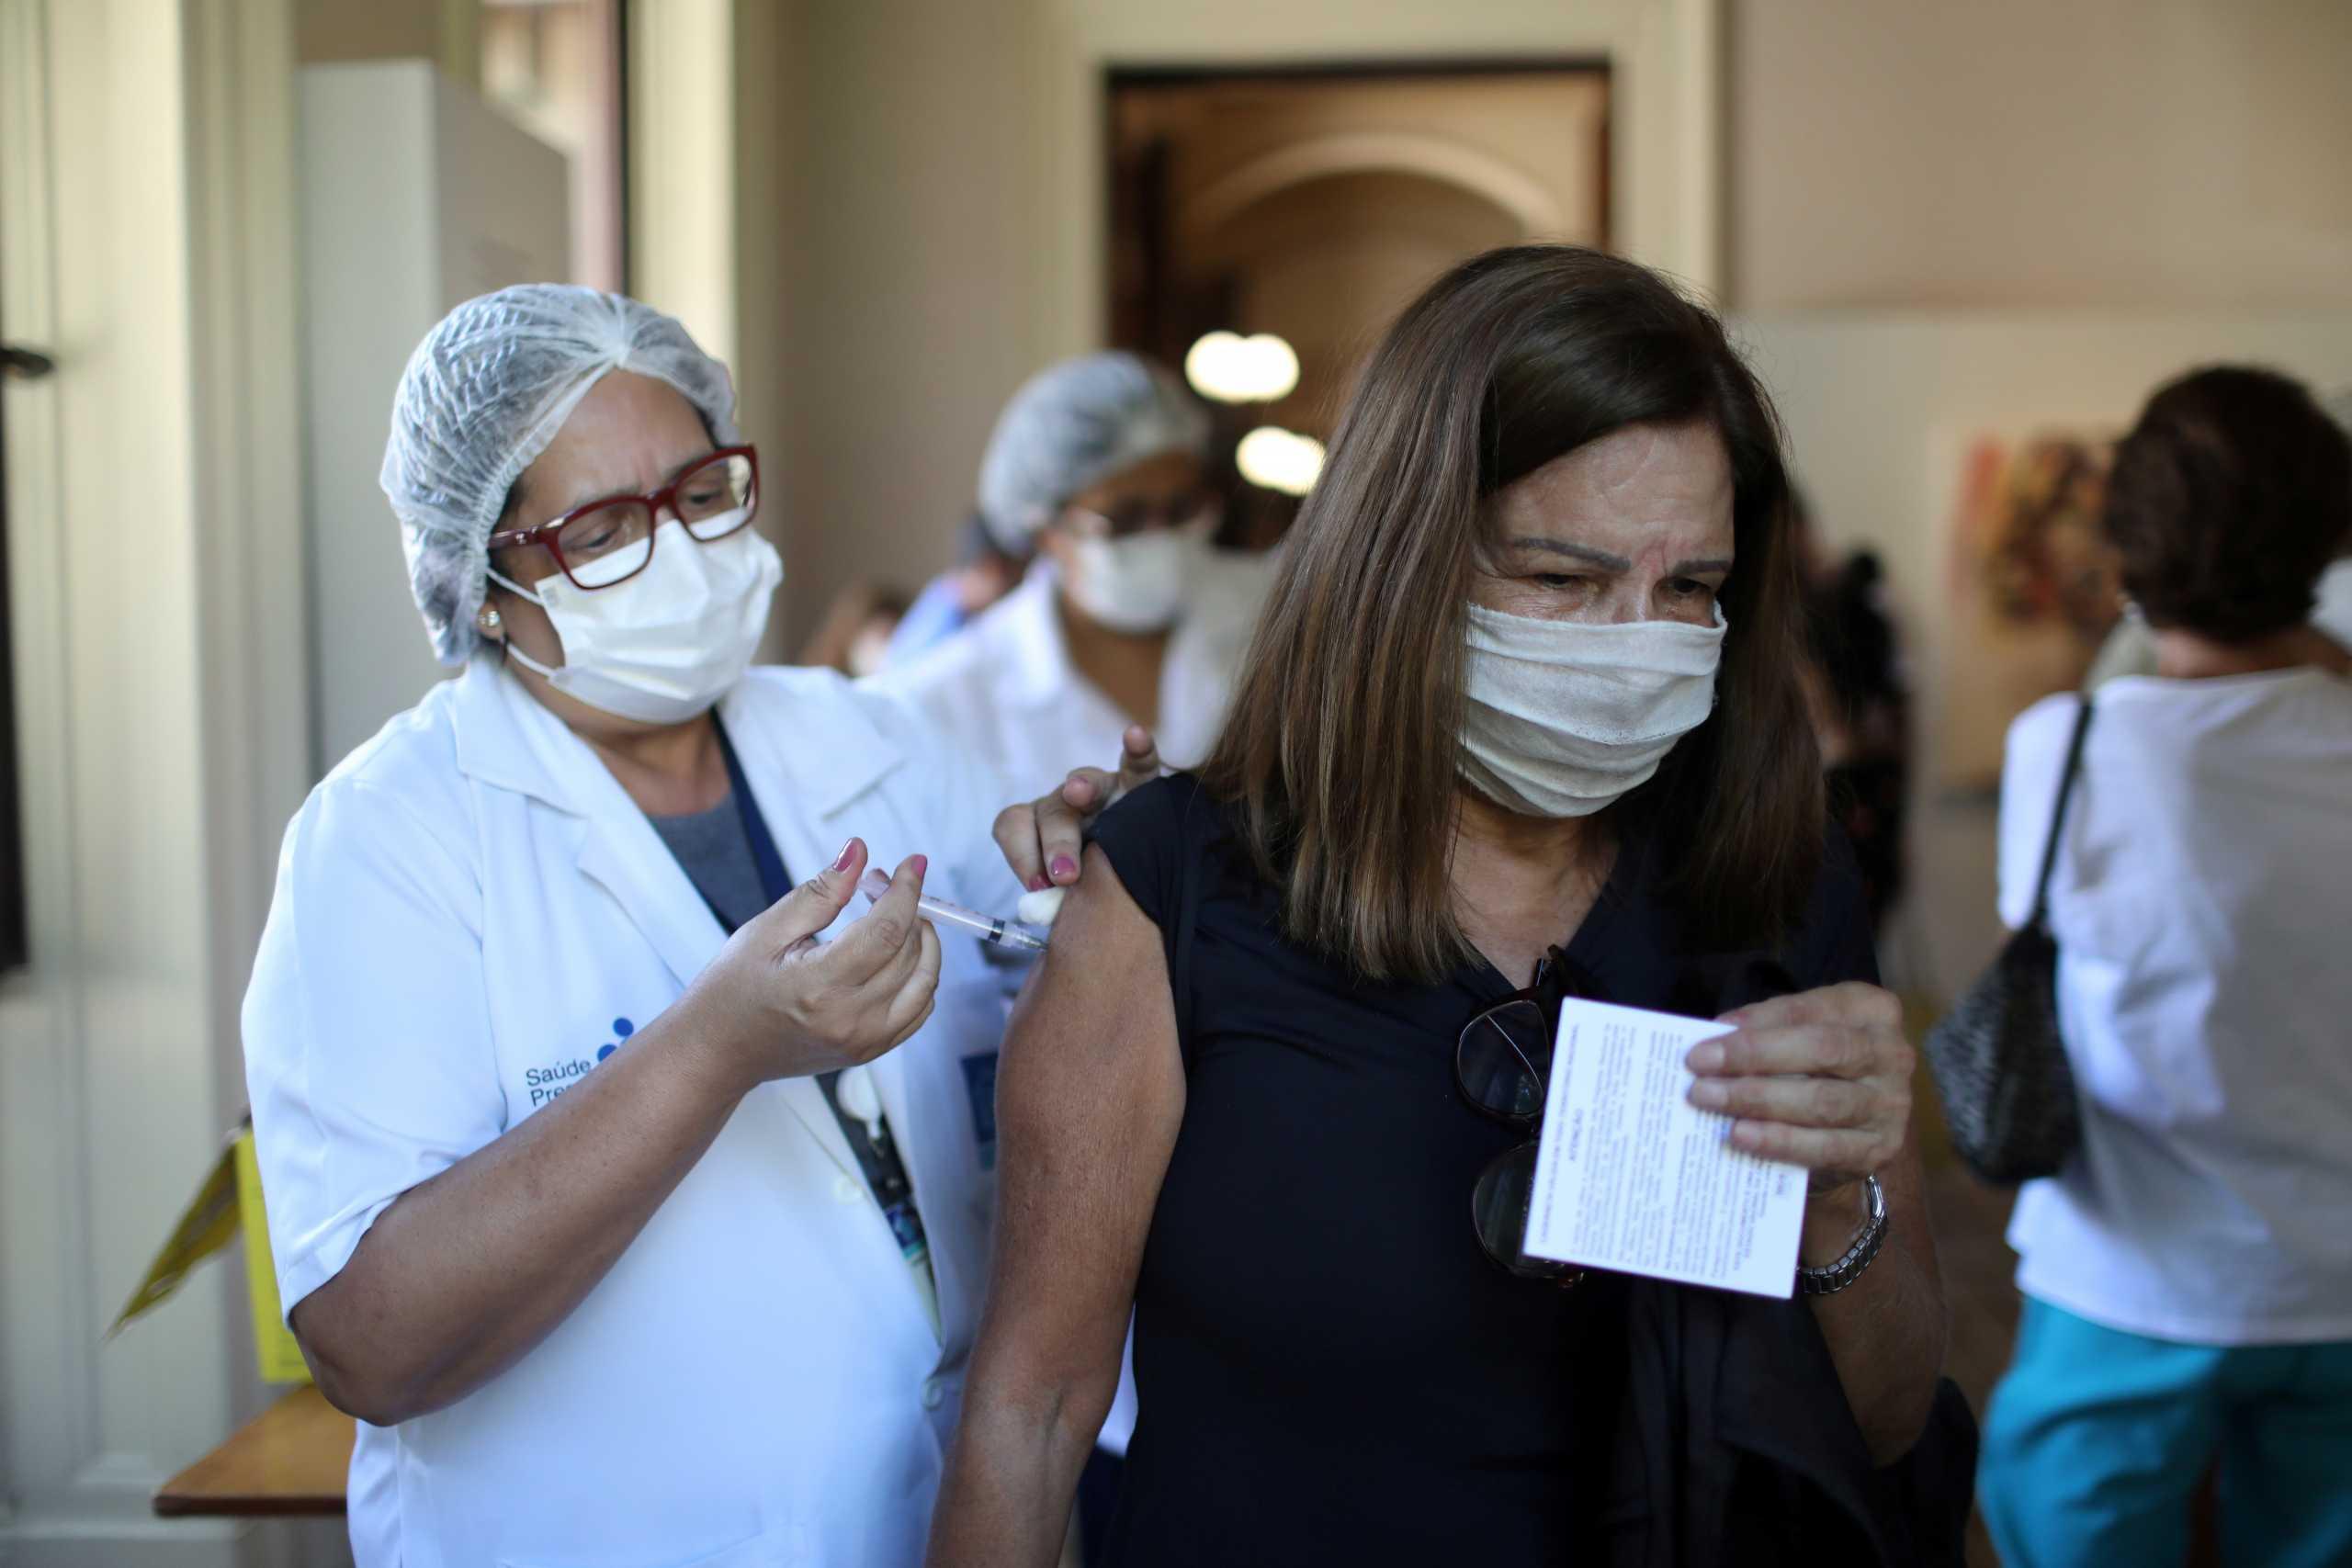 ΠΟΥ: Επιδείνωση της πανδημίας στη Λατινική Αμερική – Μόλις το 10% έχει εμβολιαστεί πλήρως